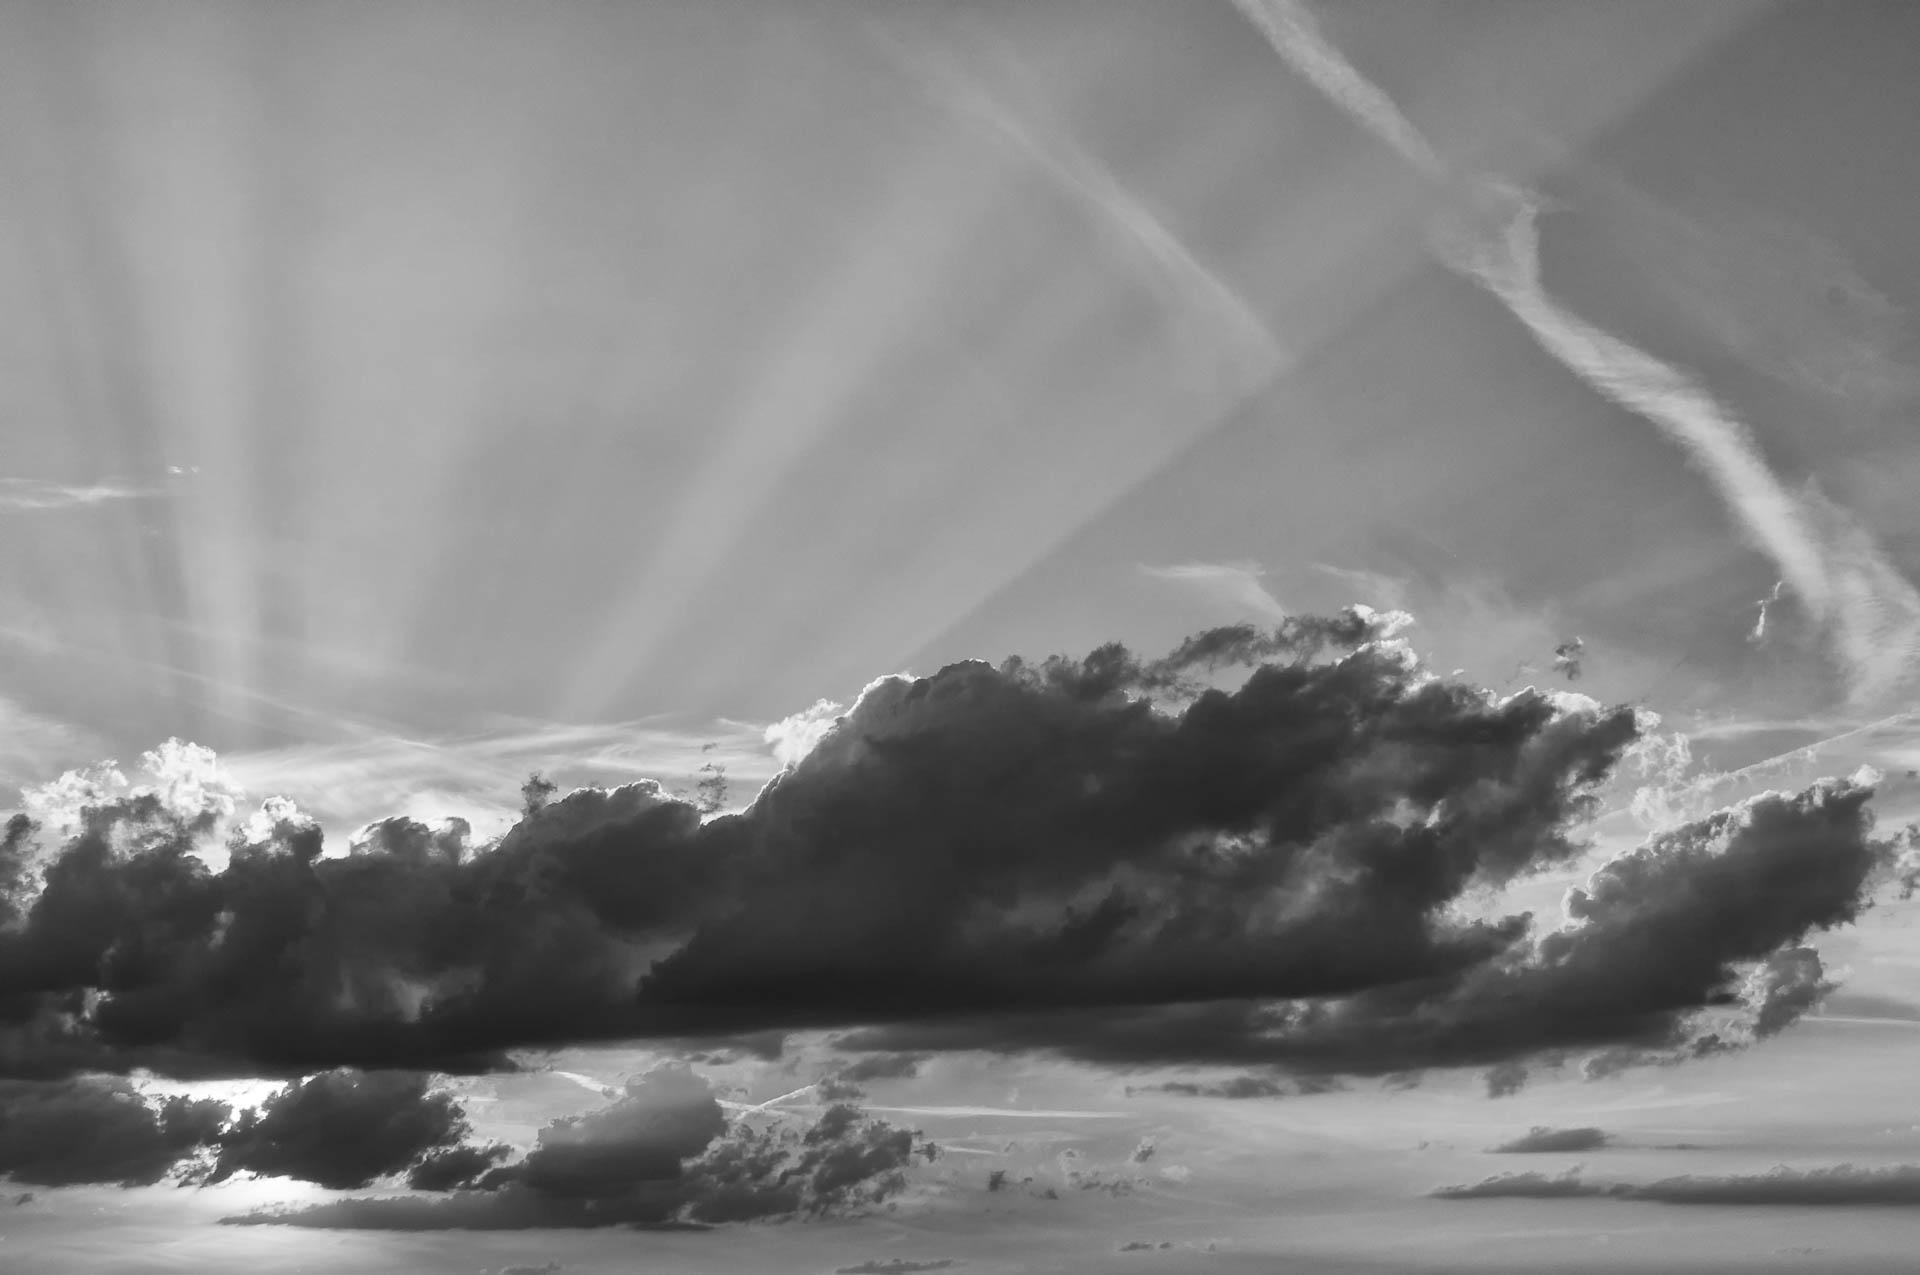 Nikon D300 - Sonnenstrahlen und Wolken